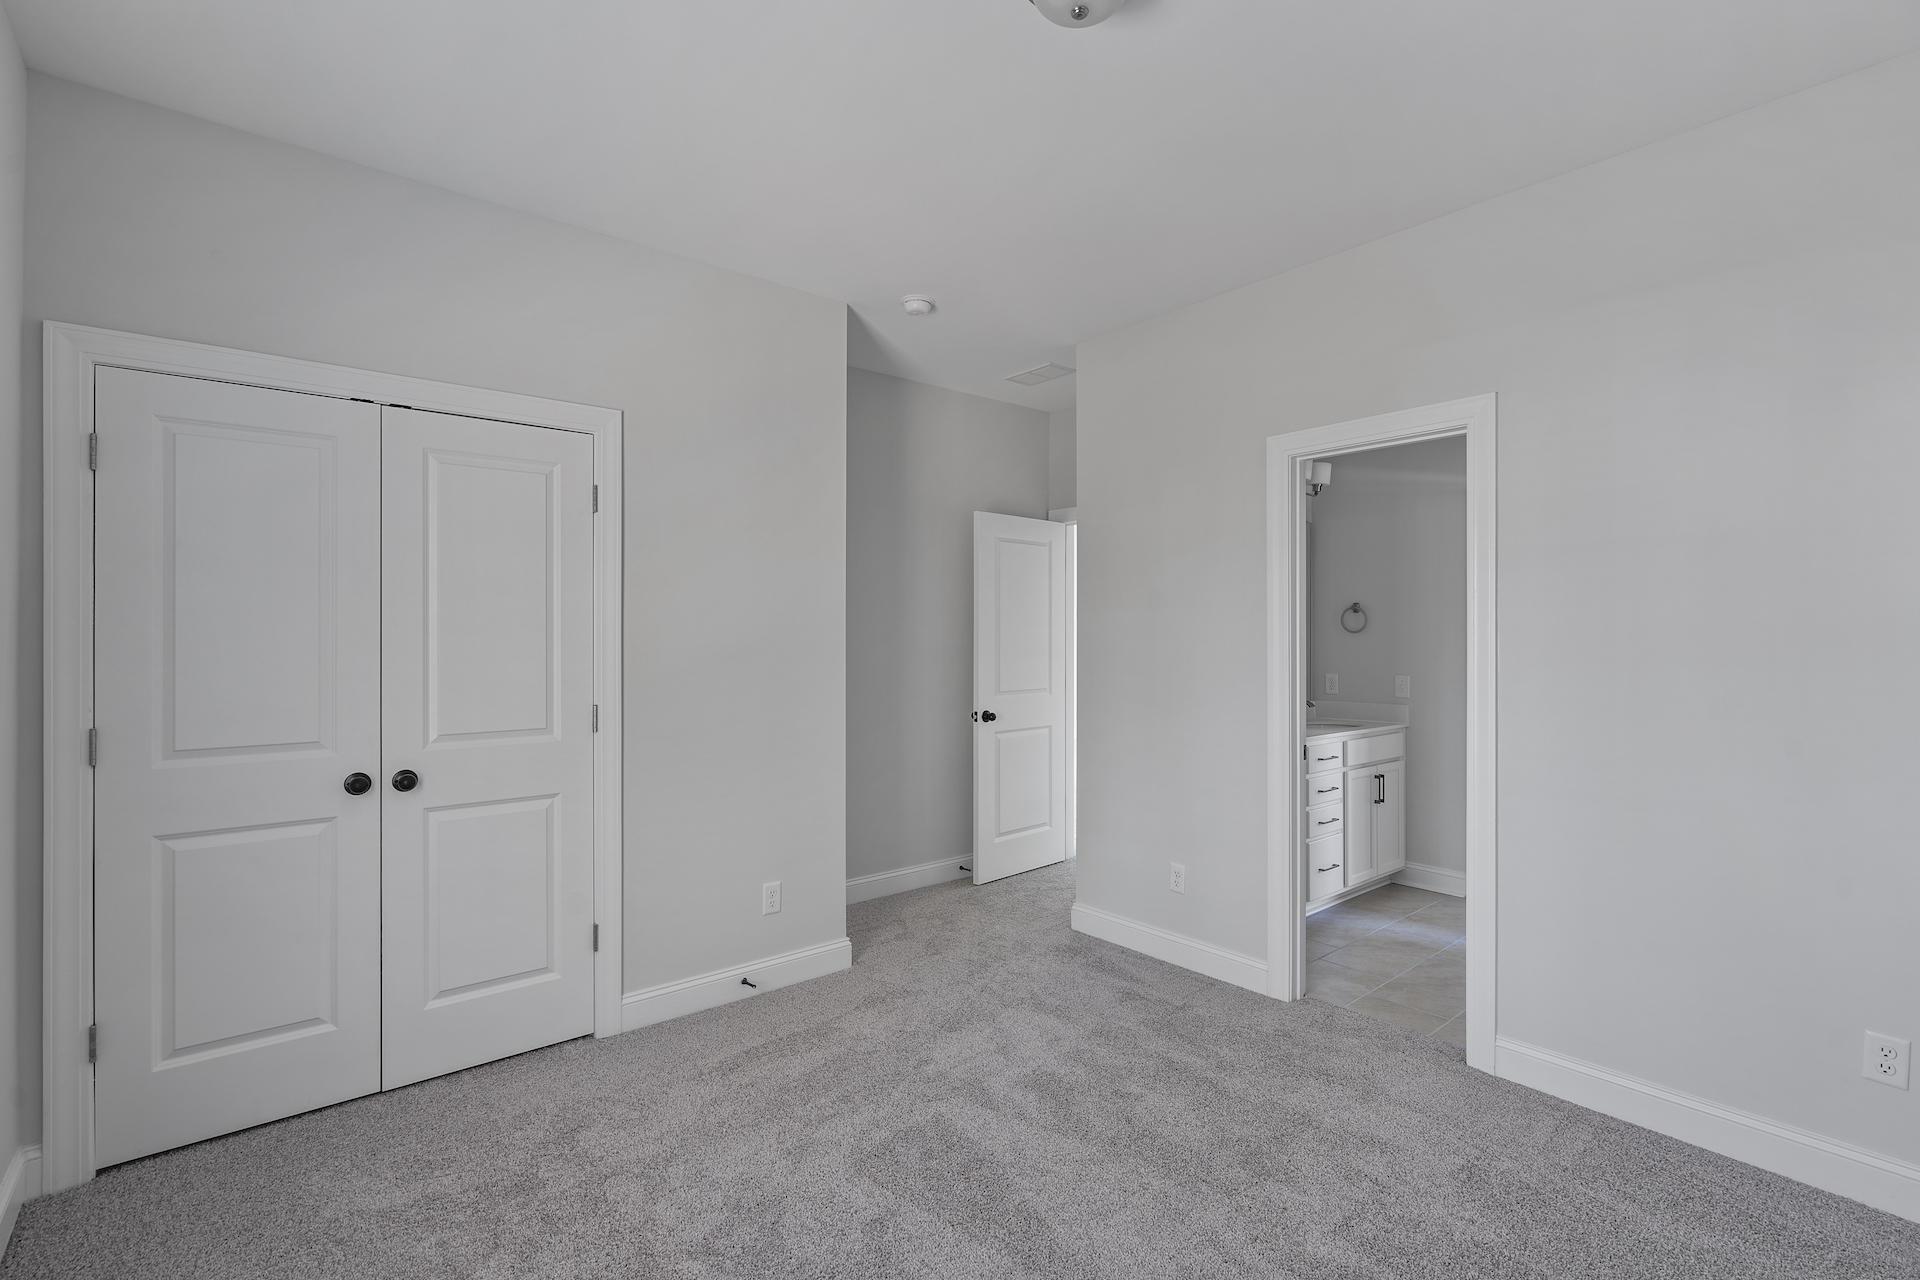 Park West Homes For Sale - 1504 Hopkins, Mount Pleasant, SC - 20